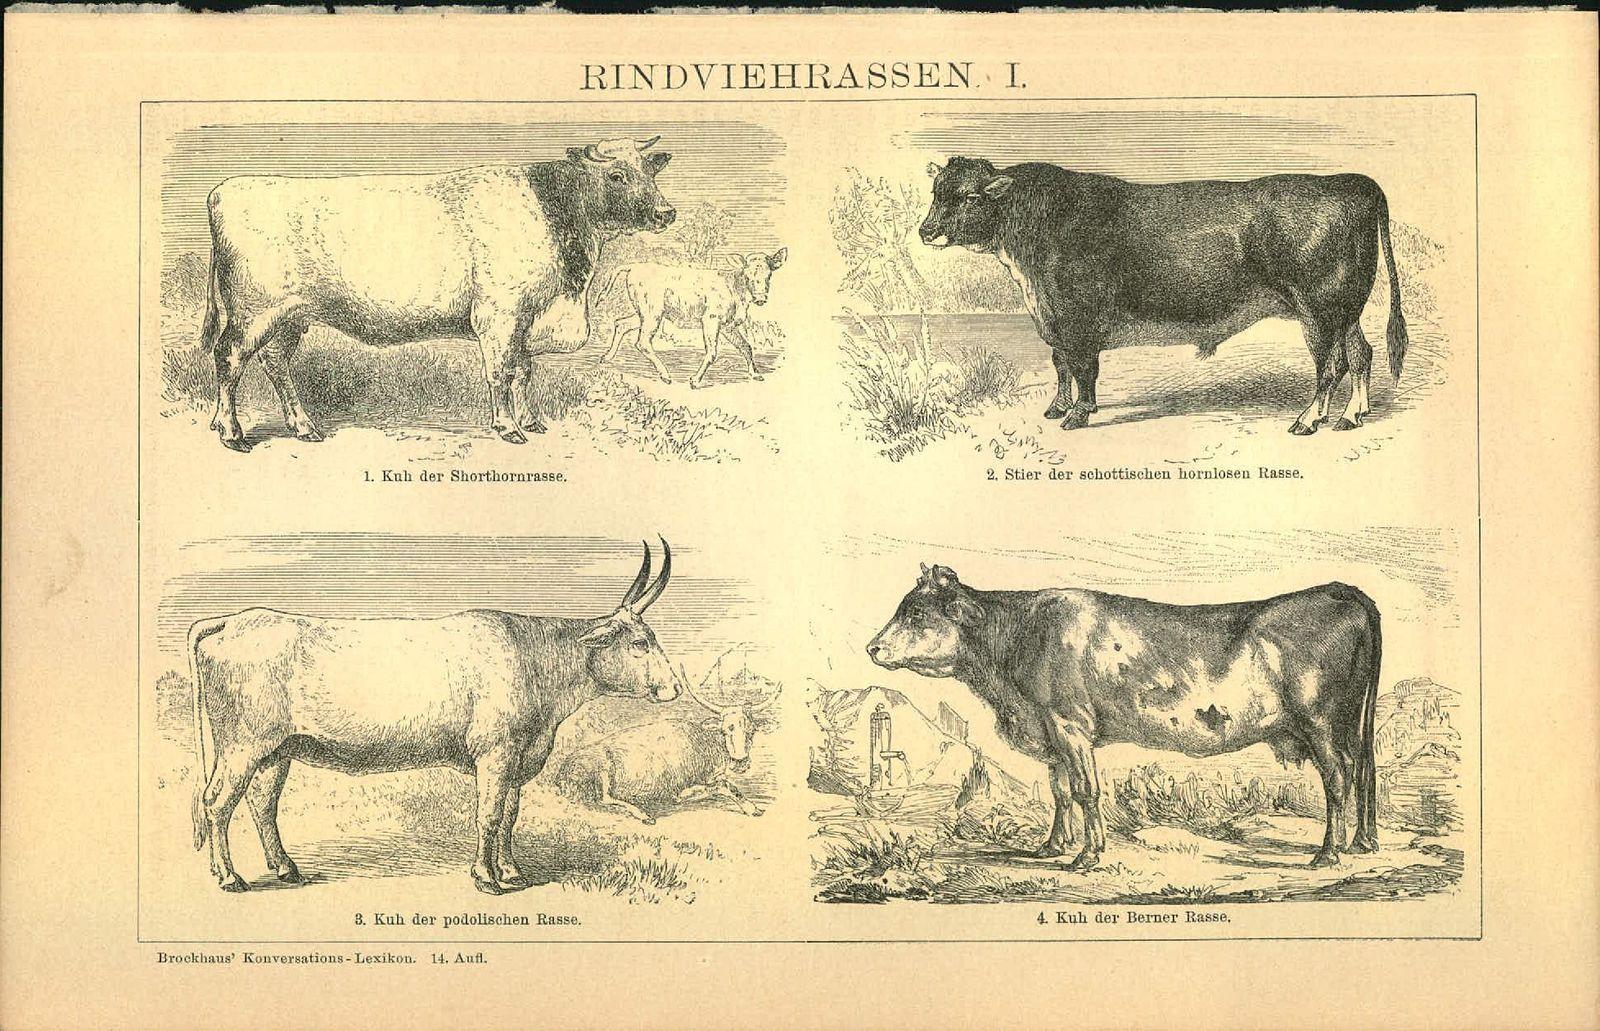 Holzschnitt - Holzstich - 1903 - Rindviehrassen I - Shorthornrasse - schottischen hornlosen Rasse - Podolischen Rasse Berner Rasse - Schwyzer Rasse - holländischen Rasse.